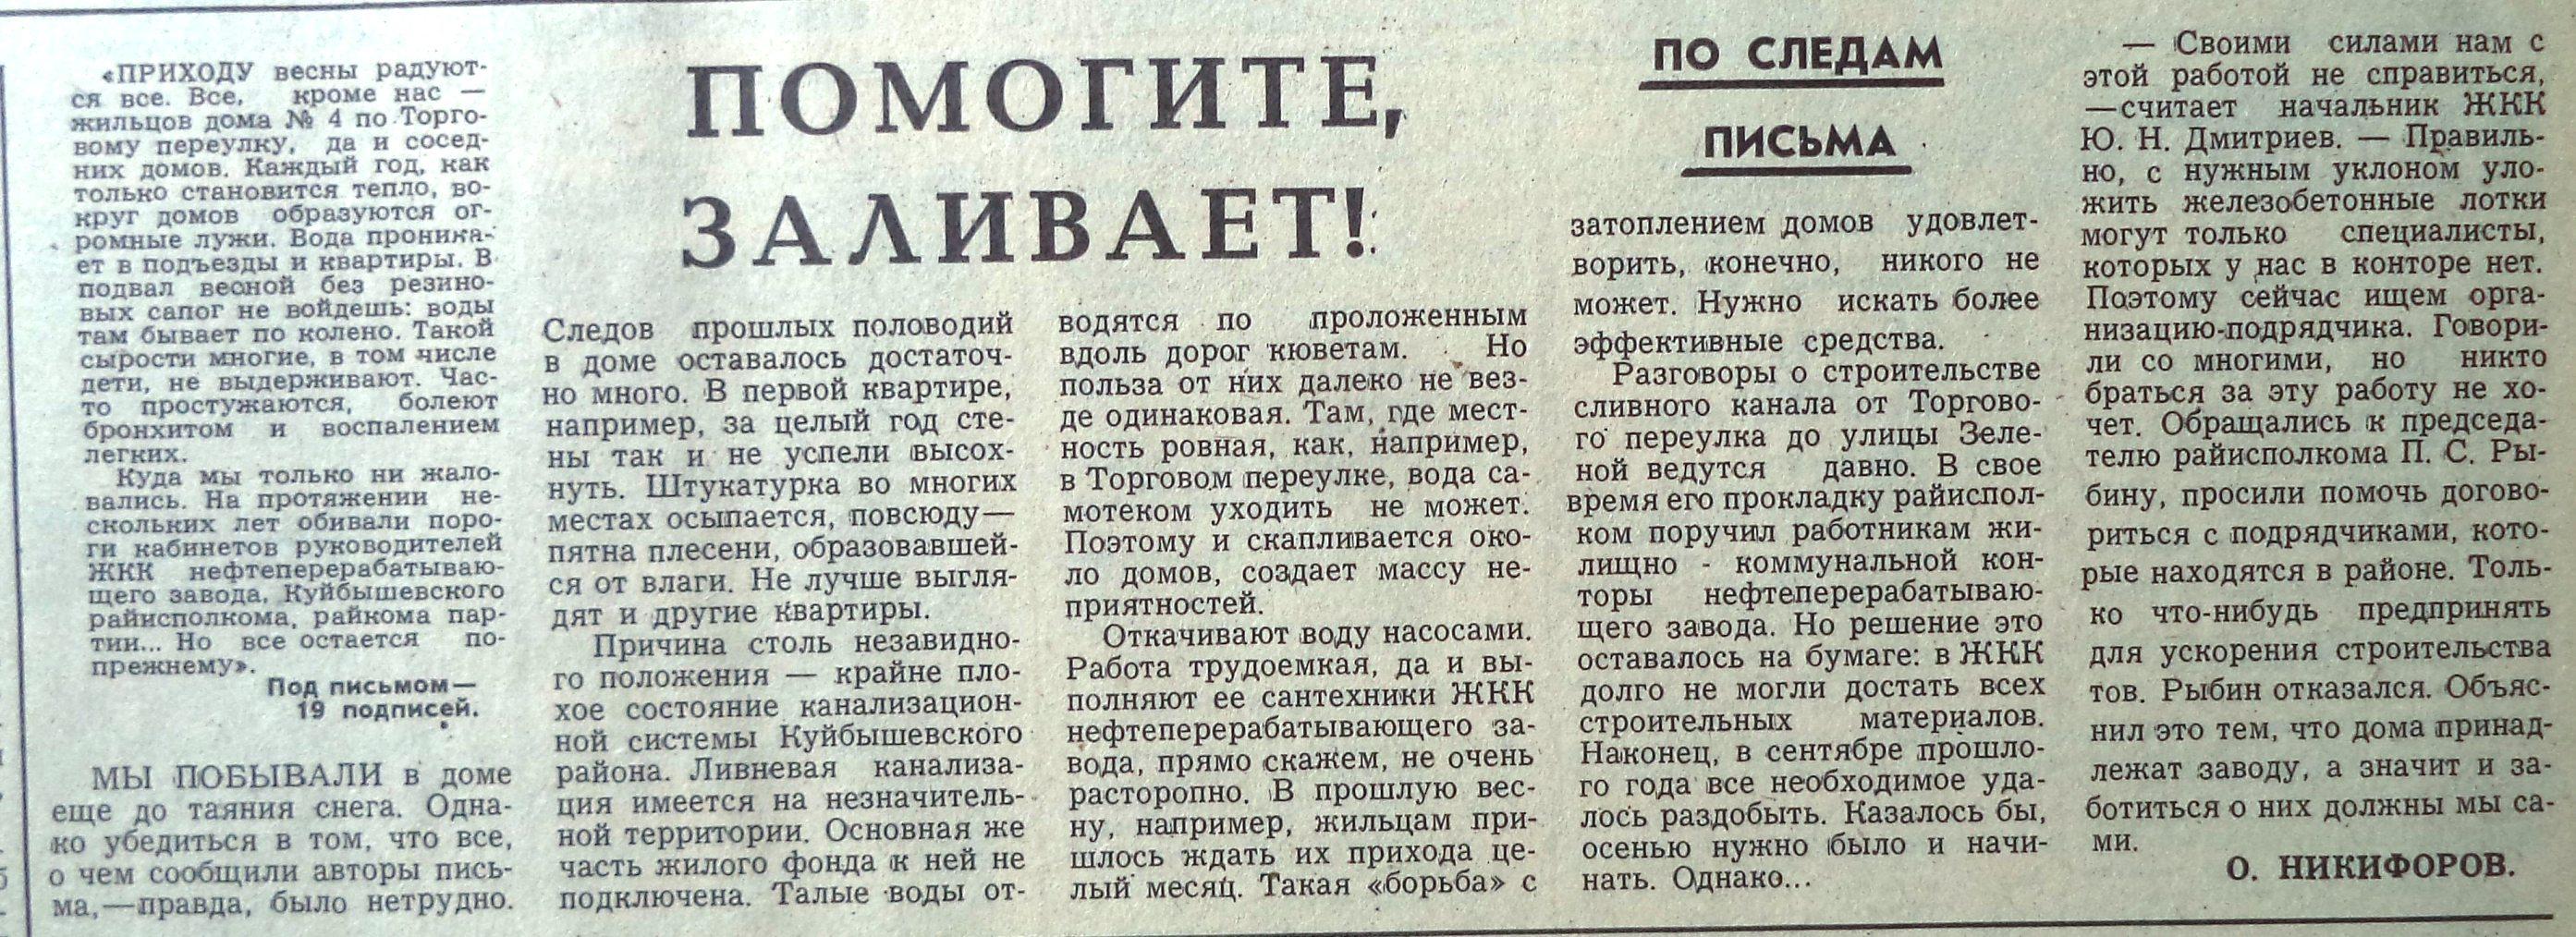 Торговый-ФОТО-04-ВЗя-1988-04-08-неблаг-во на Торг. пер.-4-min